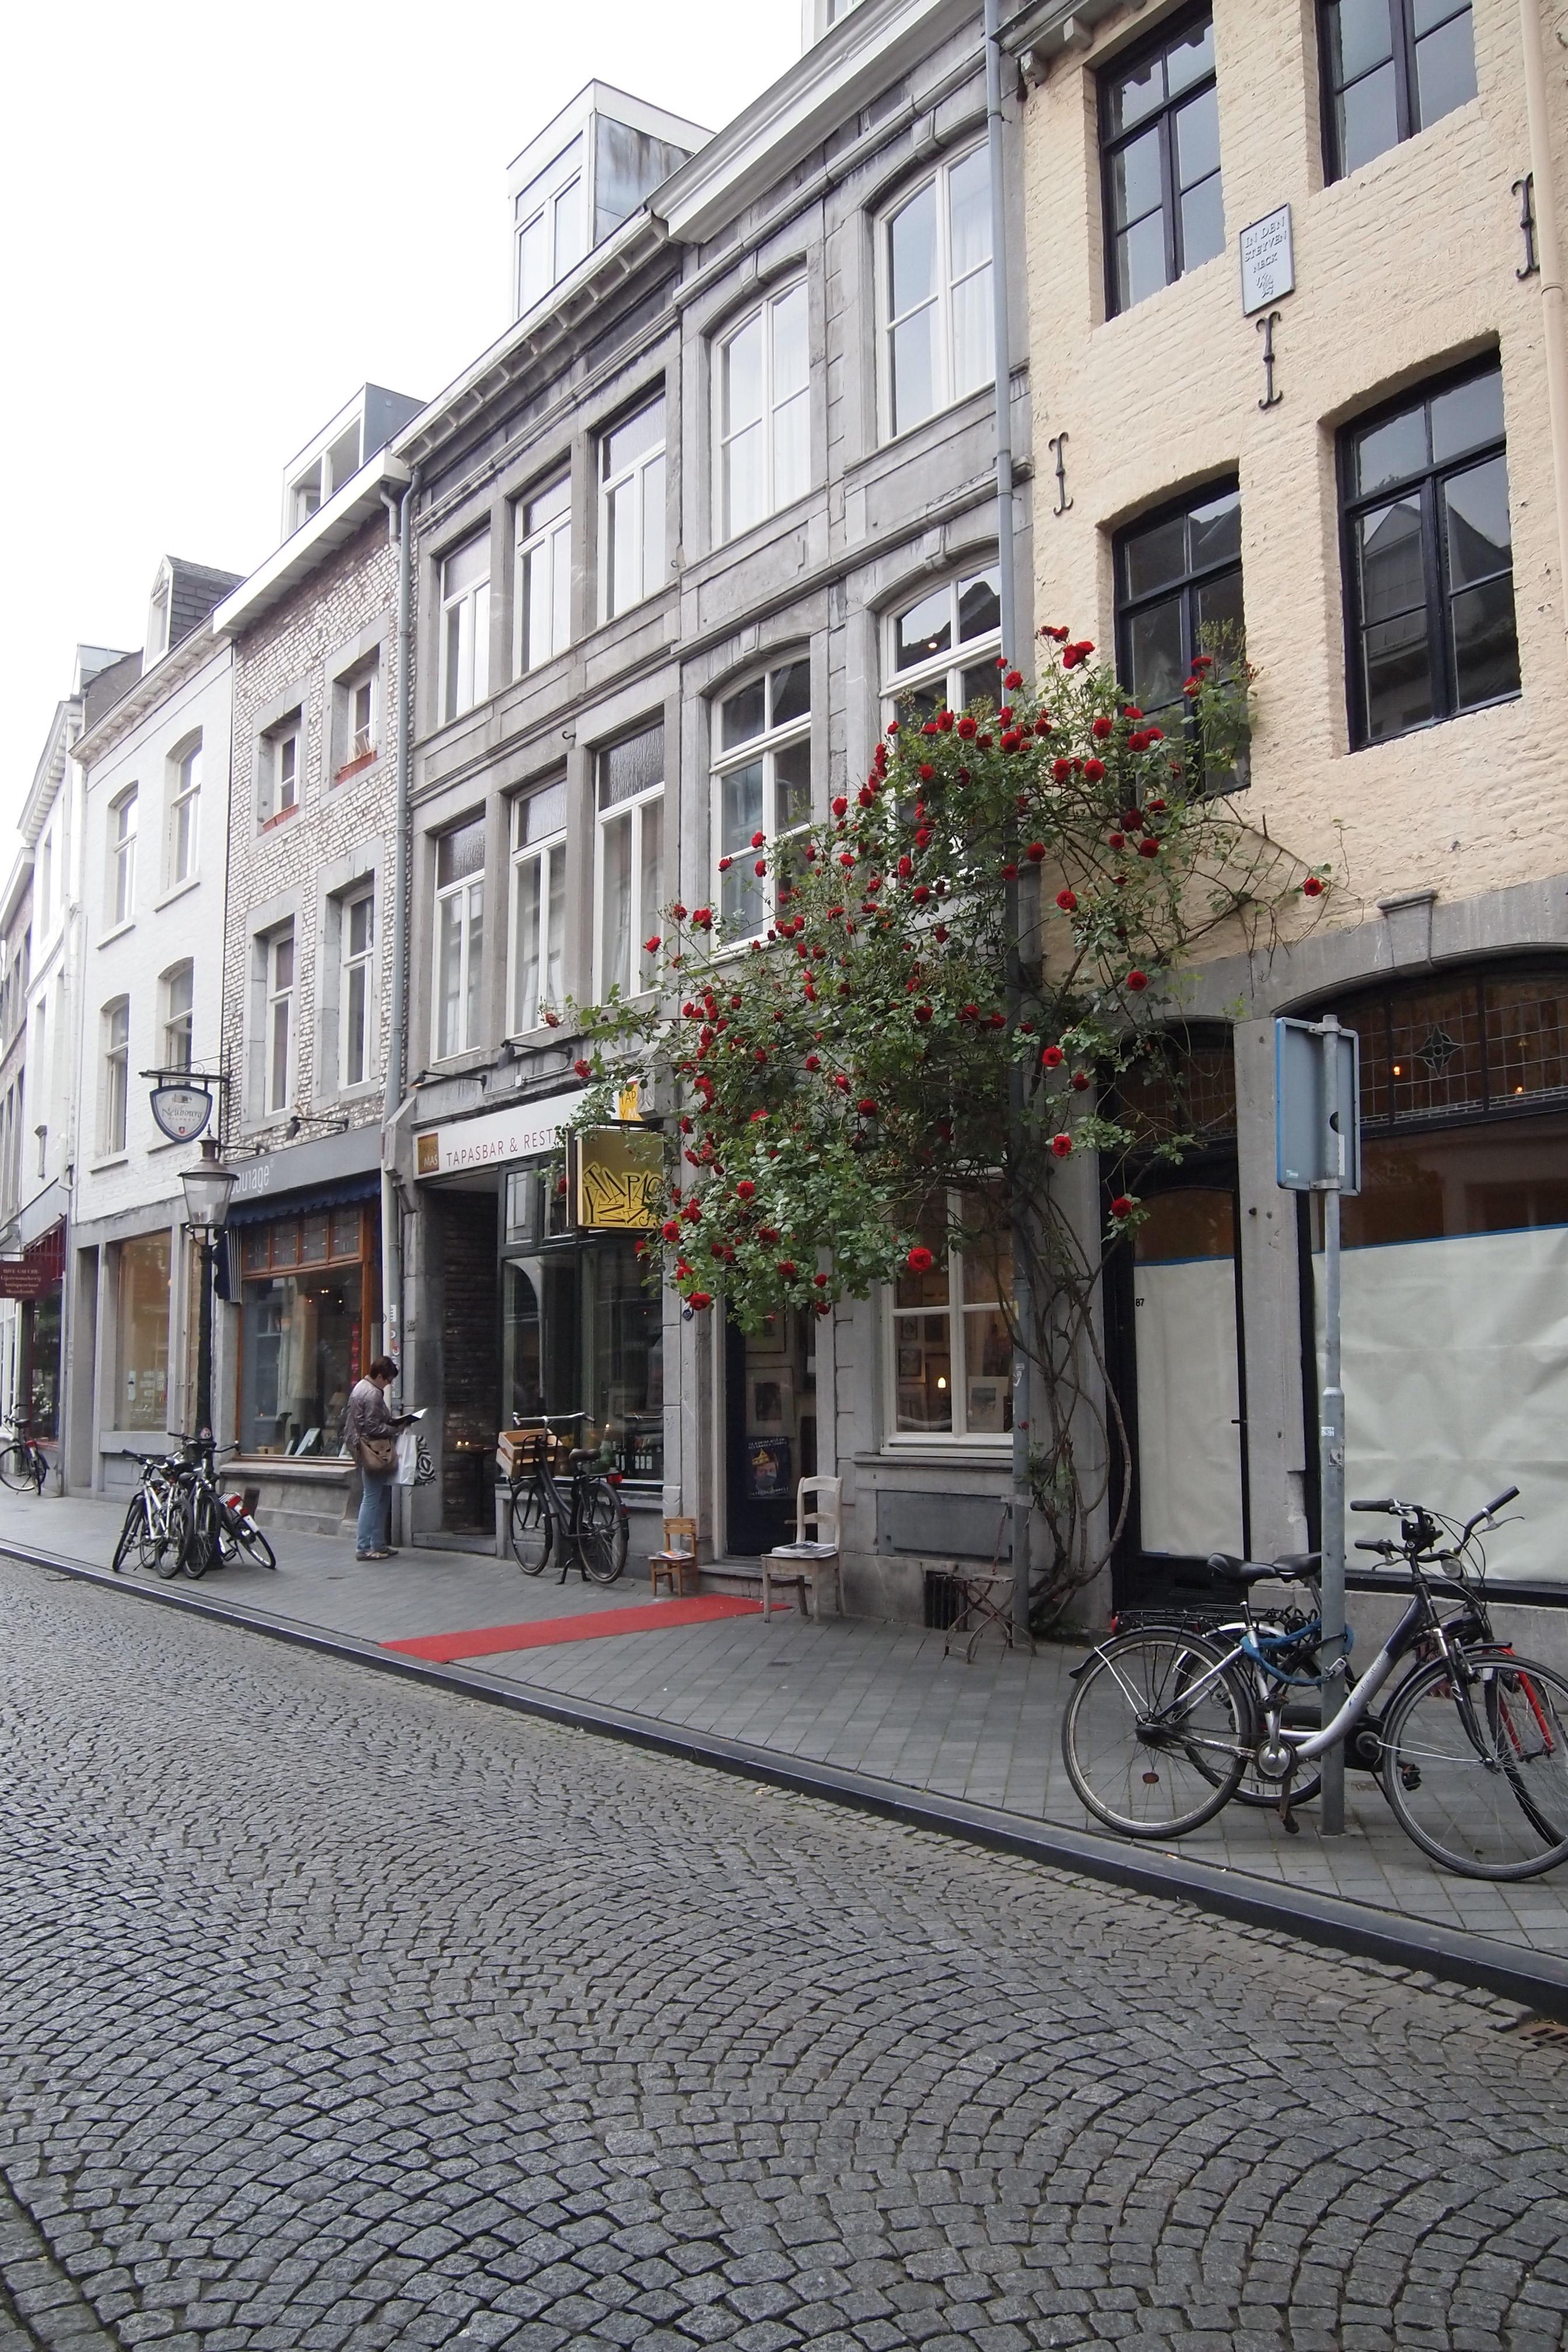 Groene Hotspots In Maastricht De Groene Meisjes